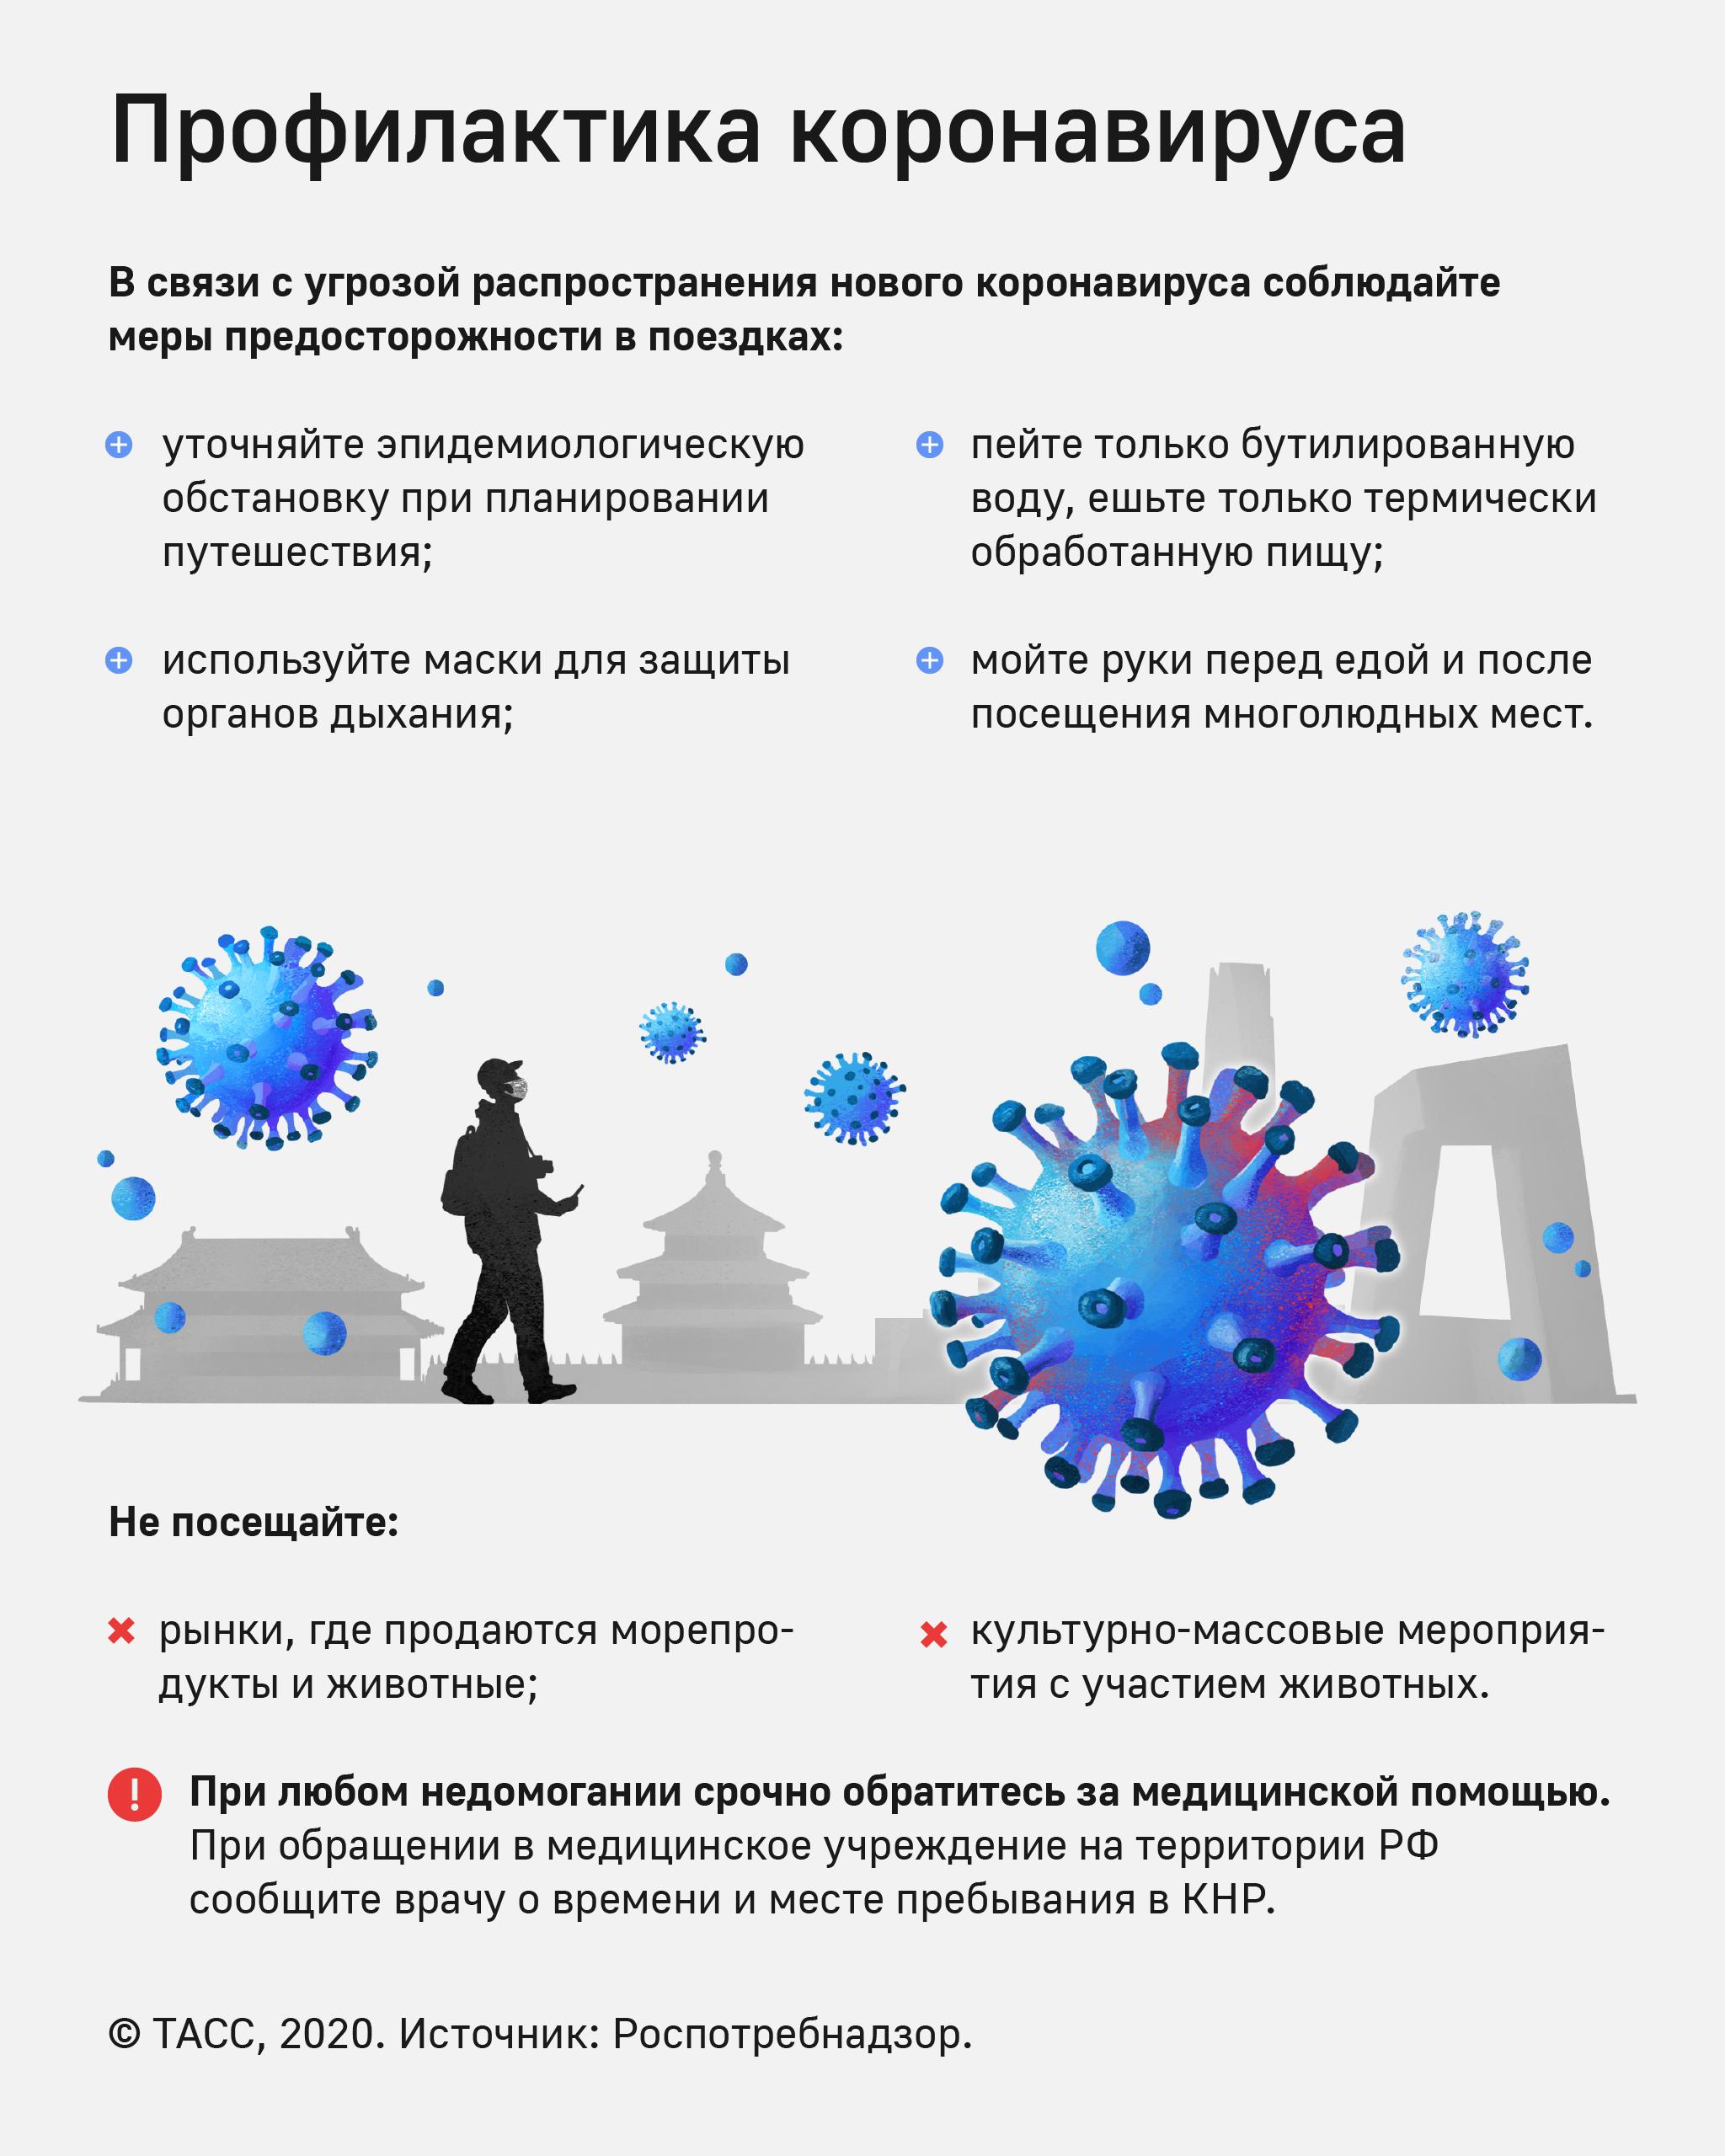 Профилактика коронавируса!